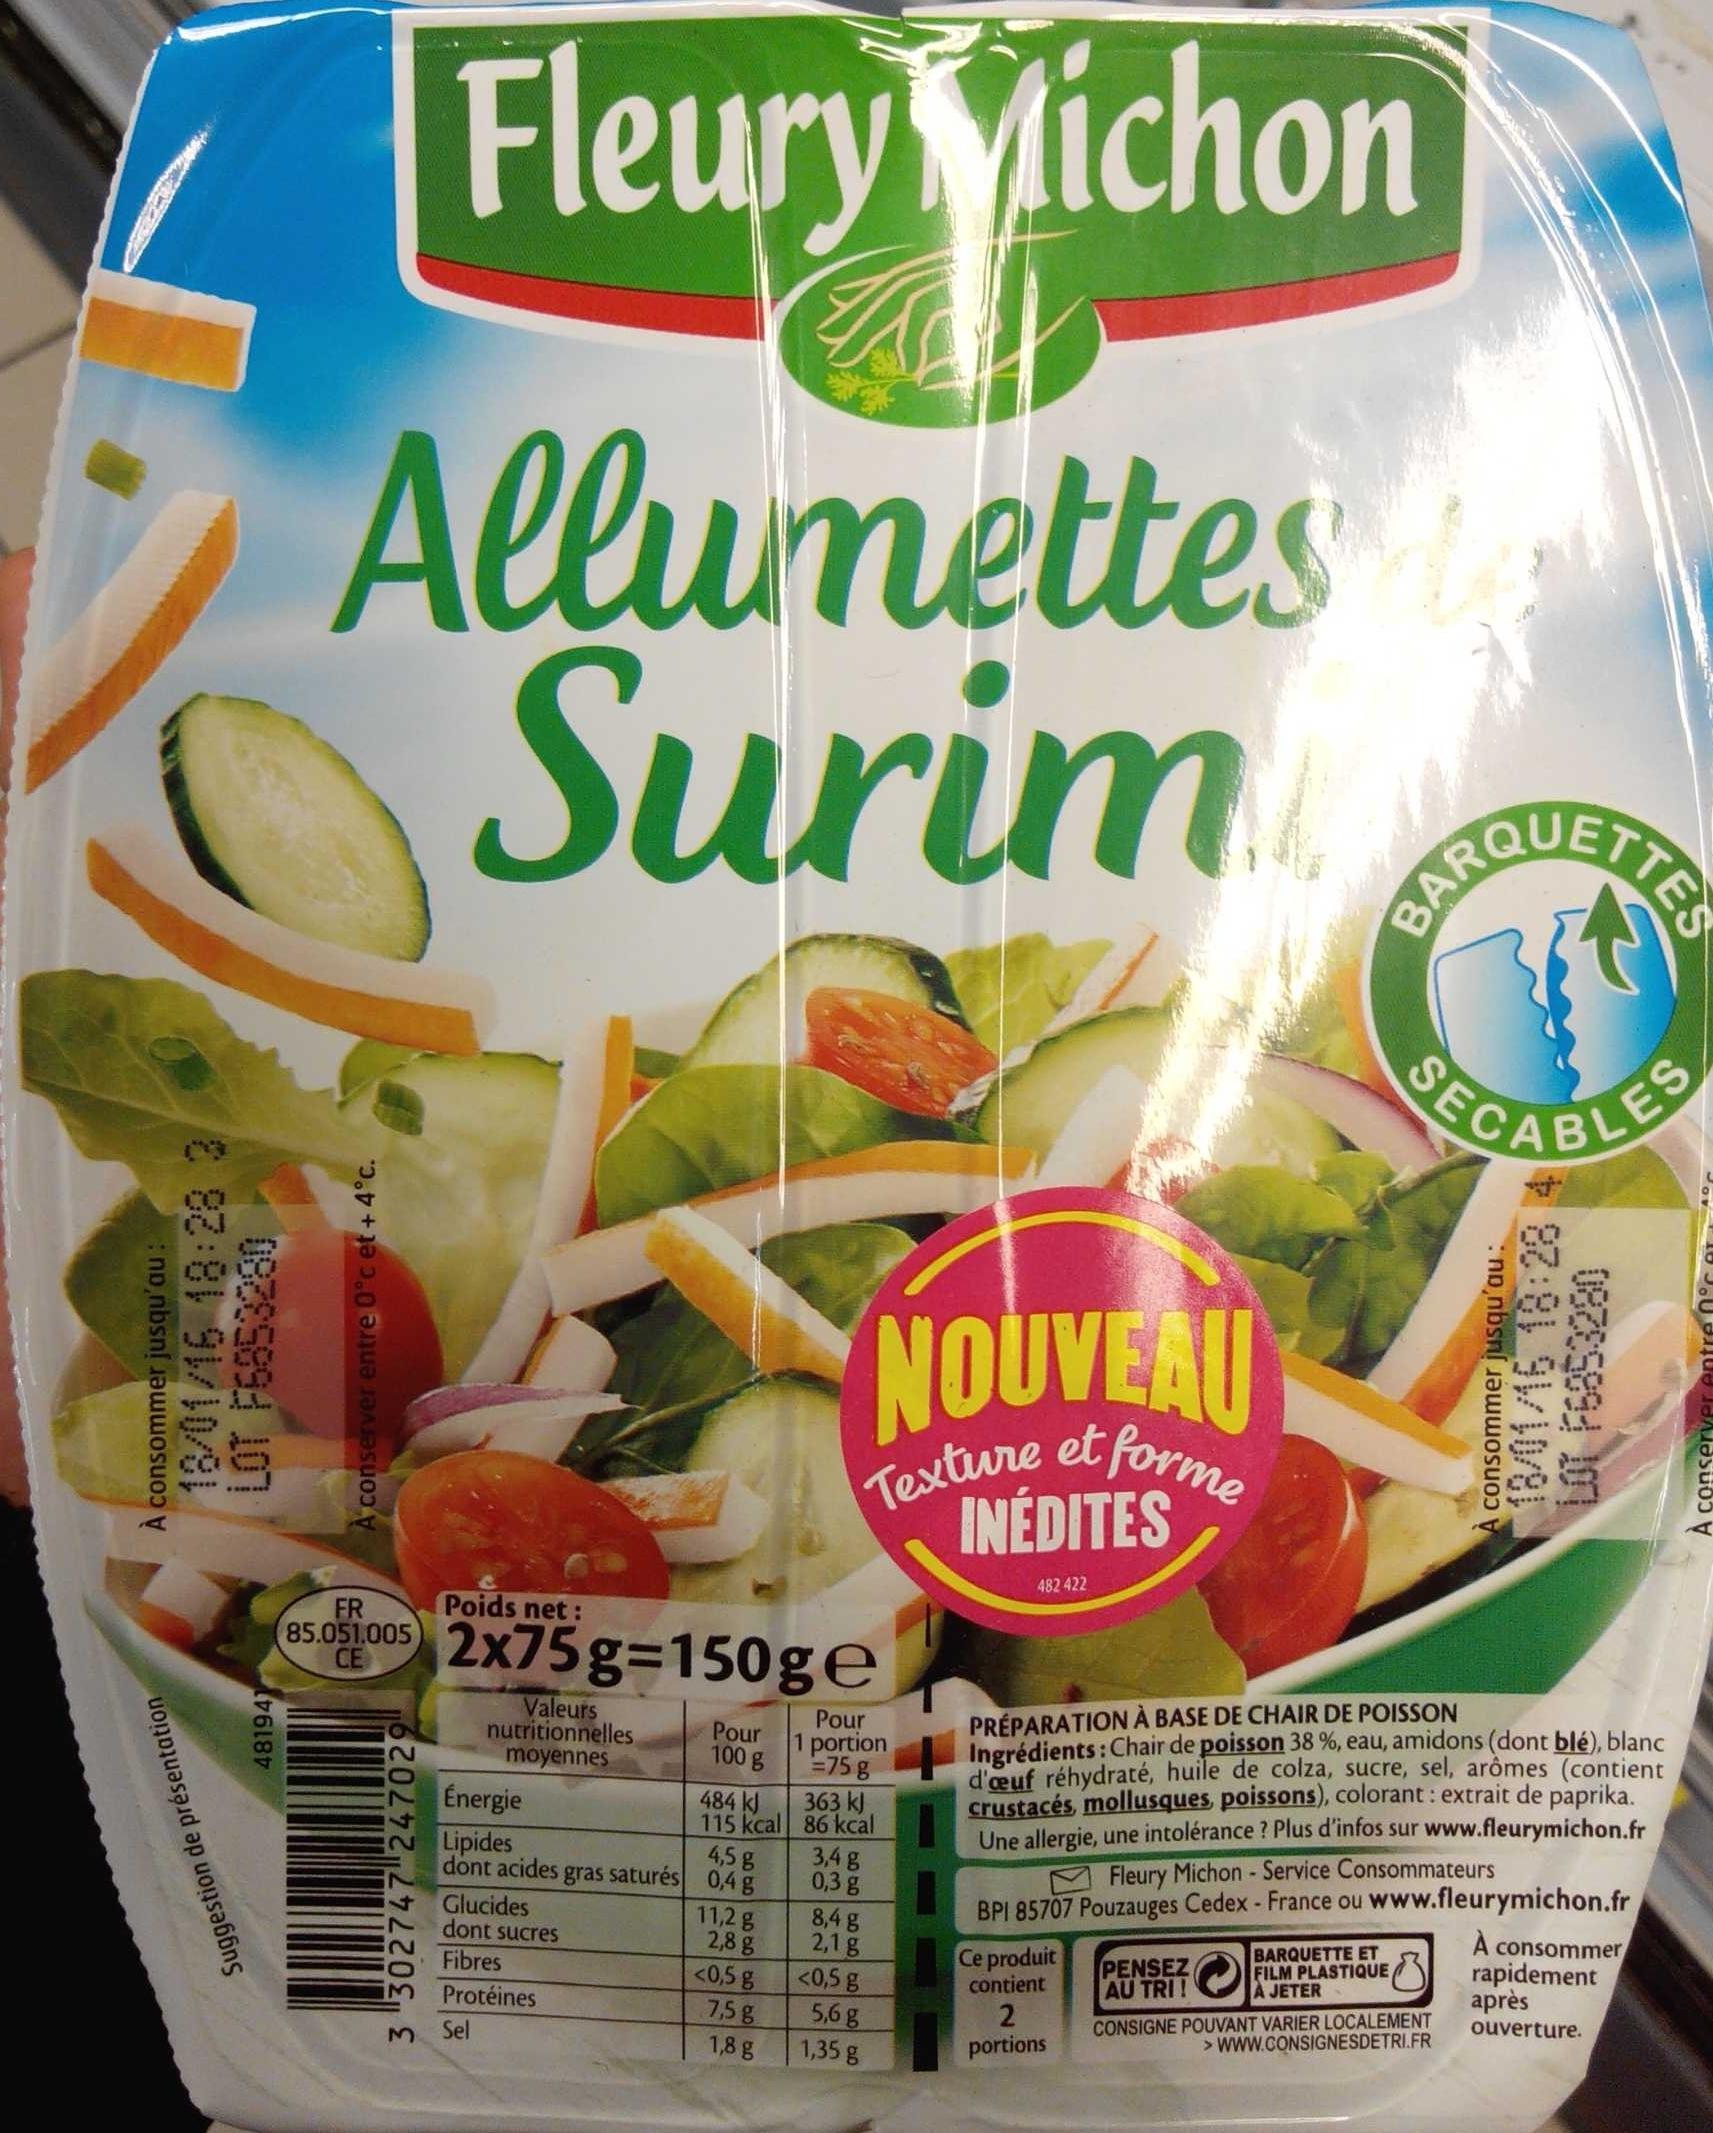 Allumettes Surimi - Product